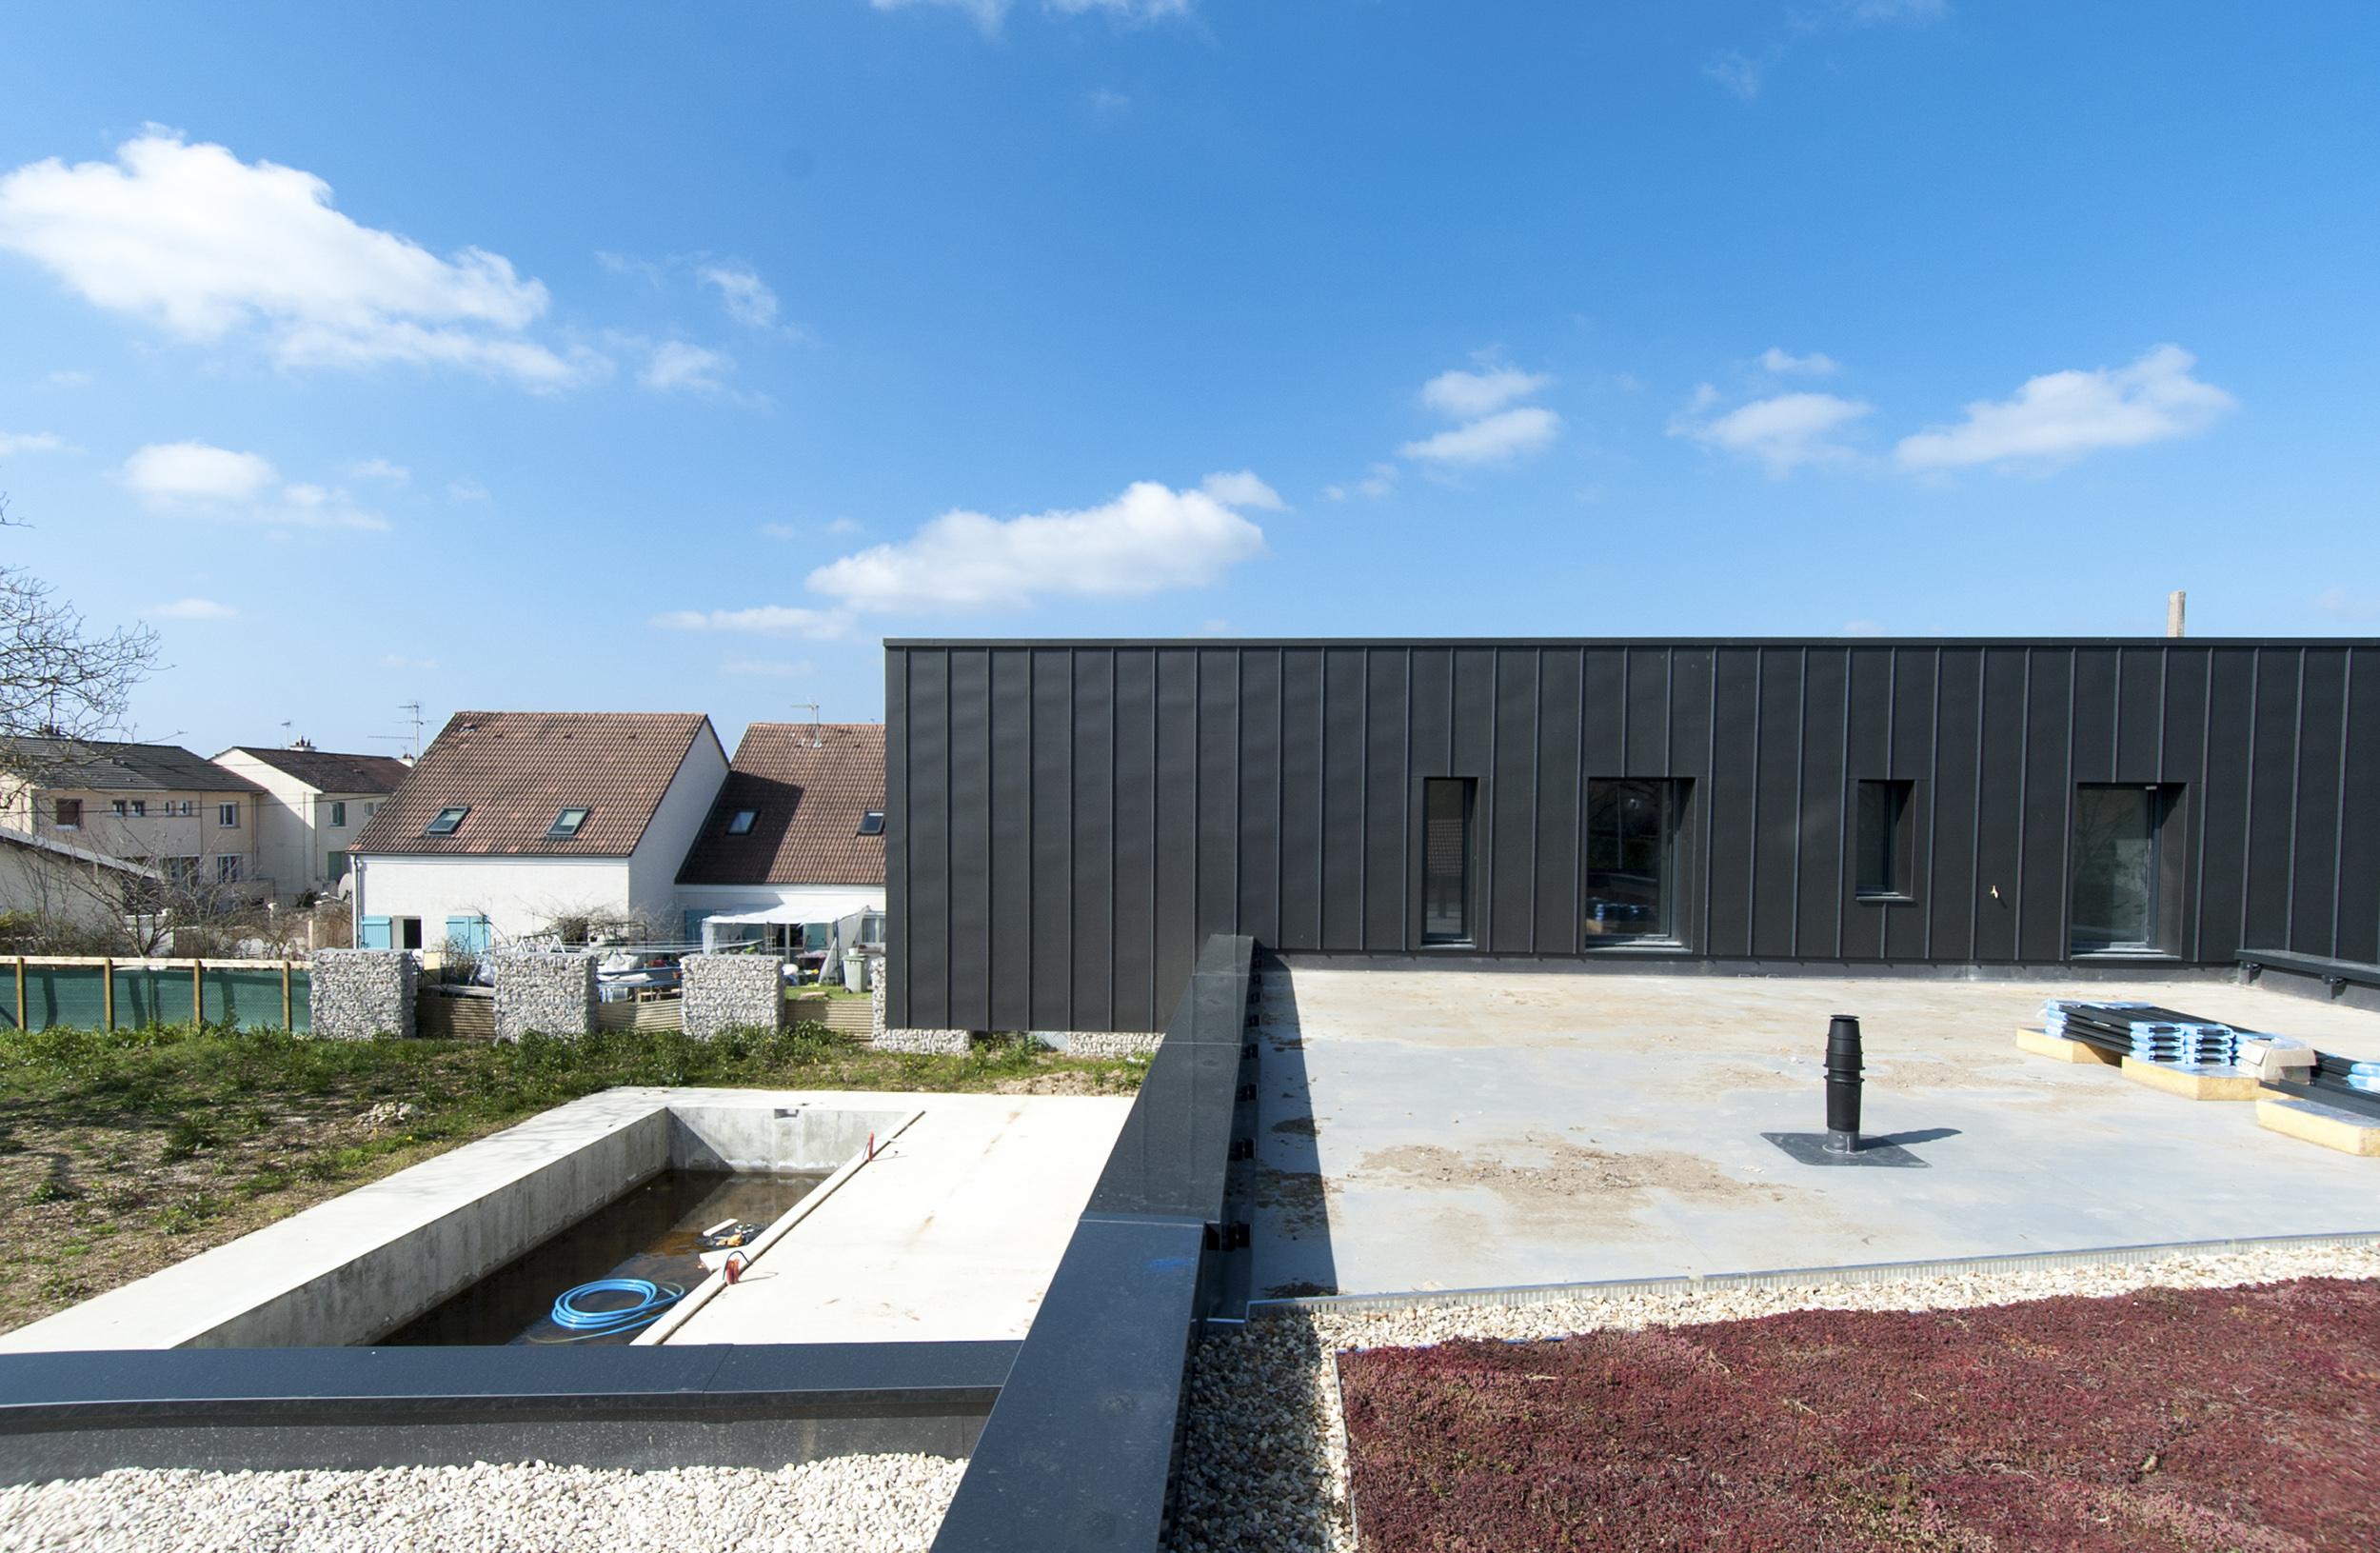 Chouette architecture - Villa Dijon - 2500 25